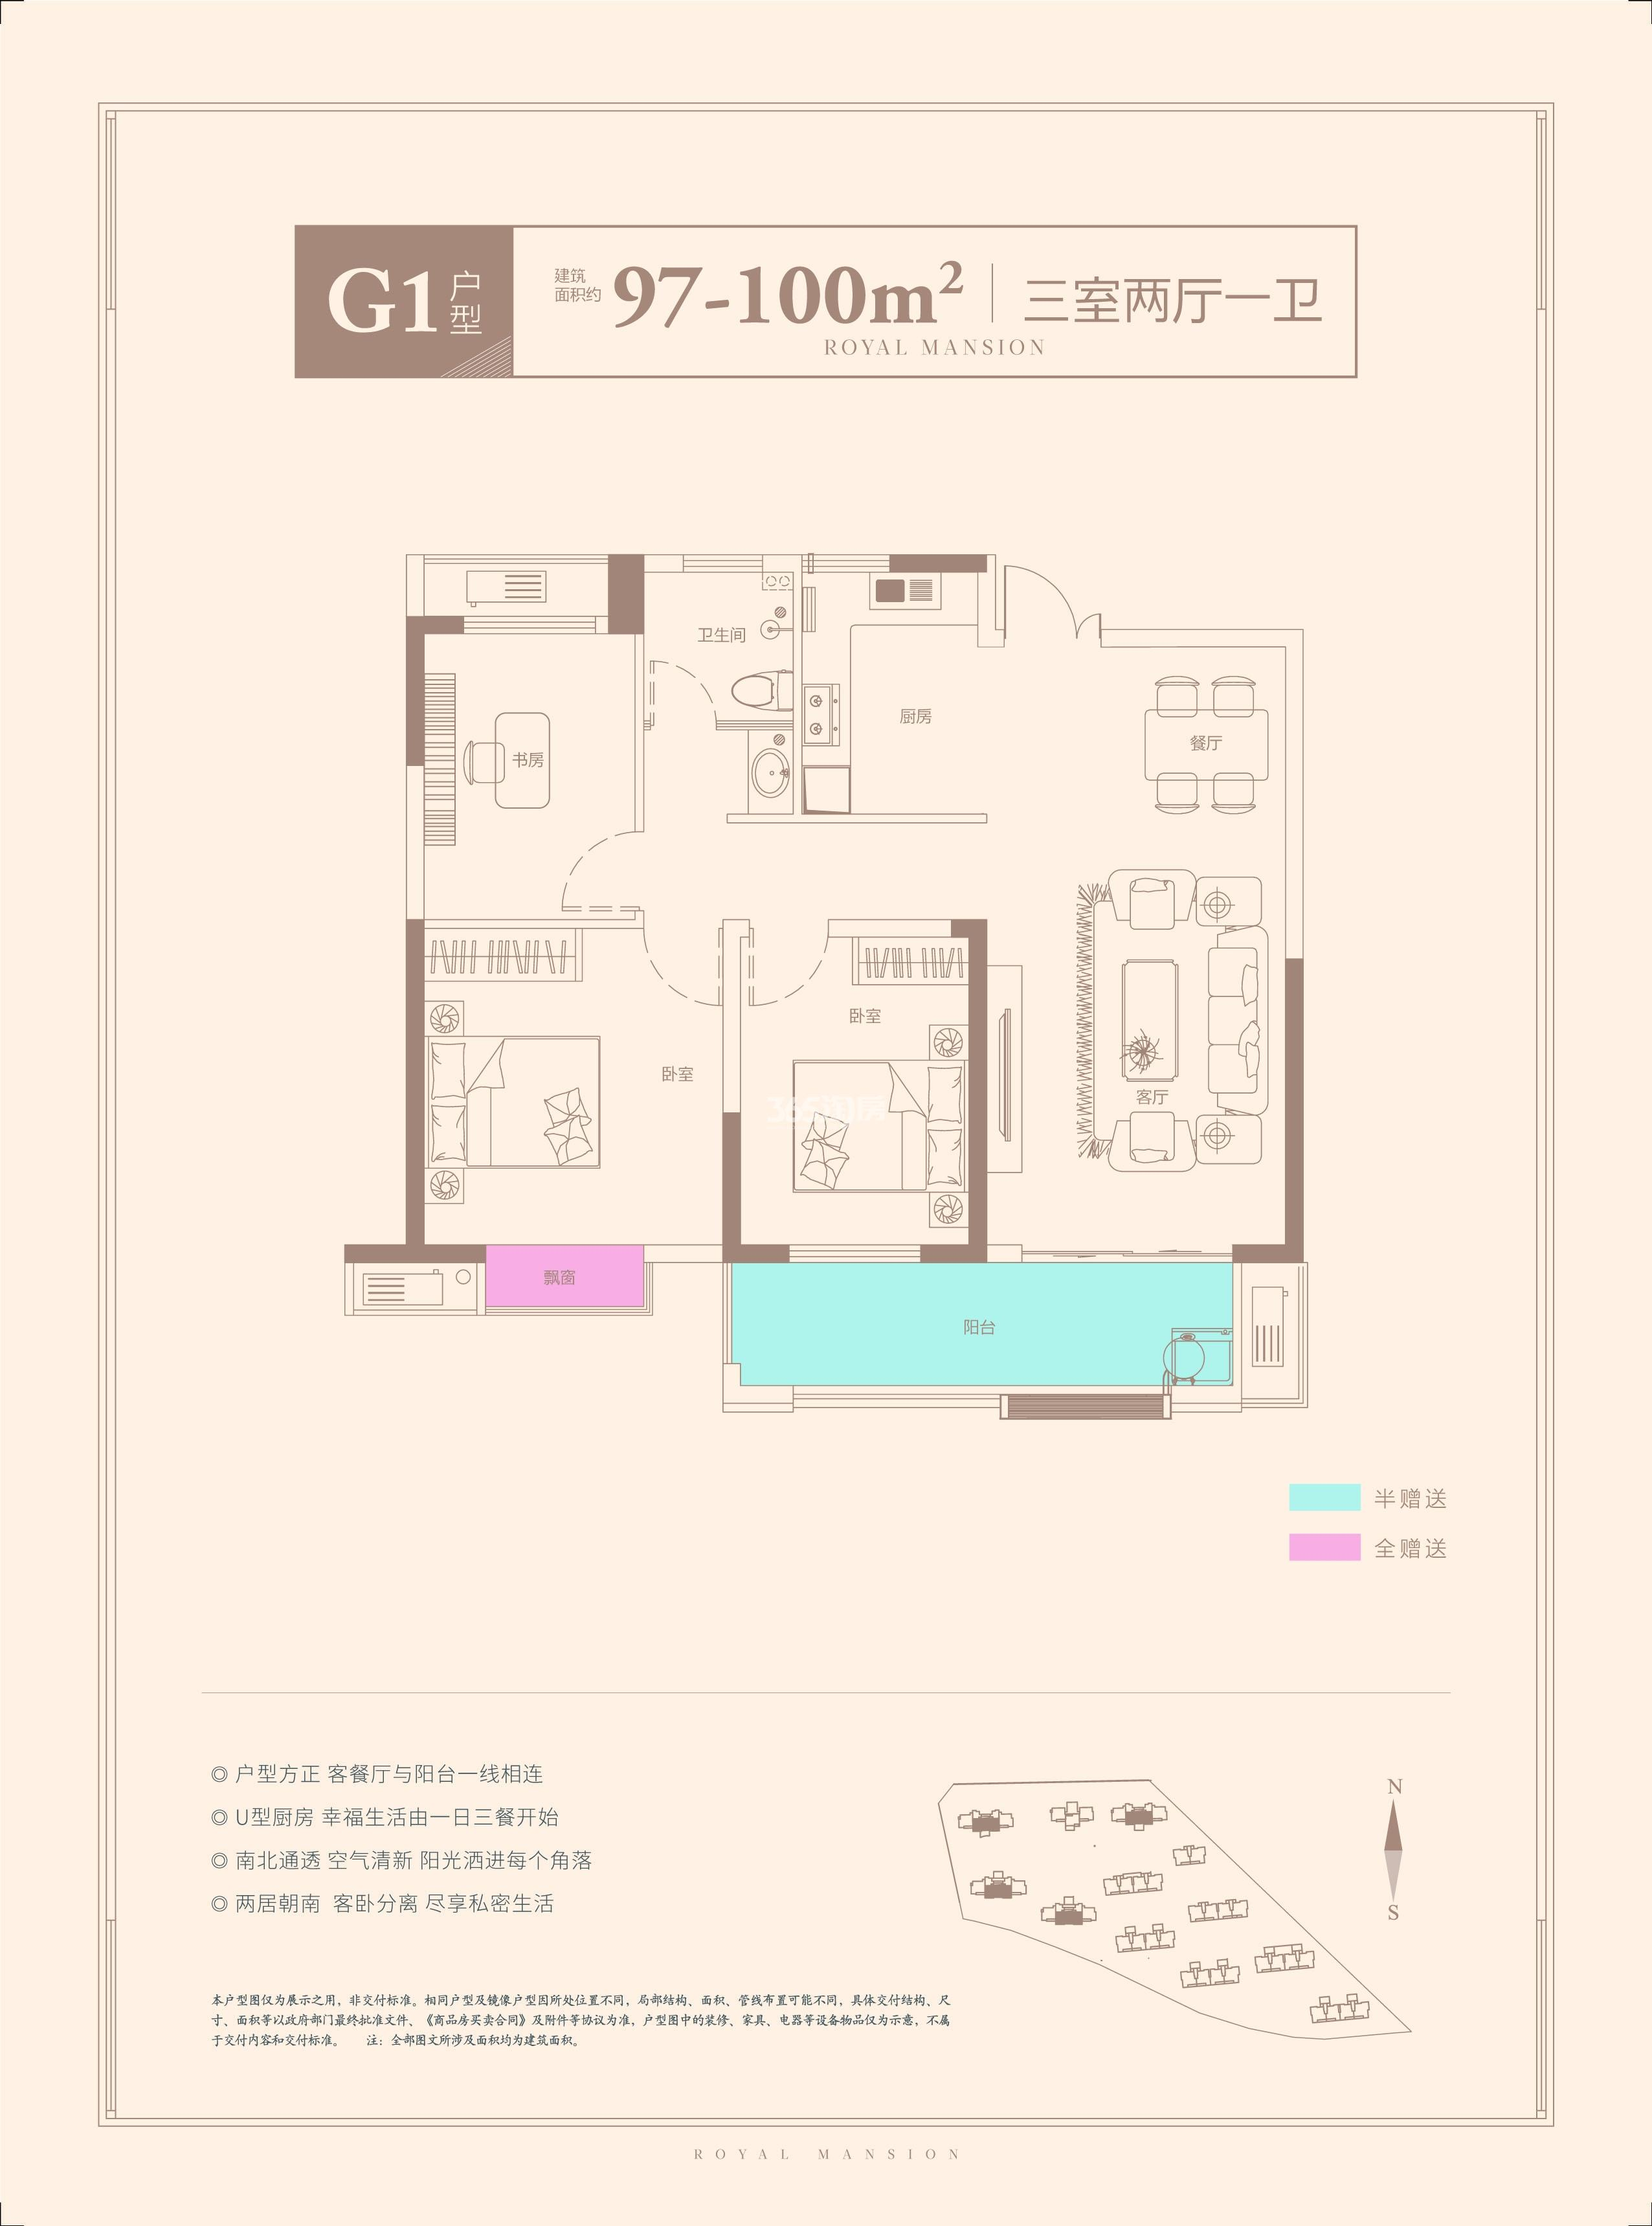 柏庄香府 三期高层G1户型 三室两厅一卫 97-100㎡